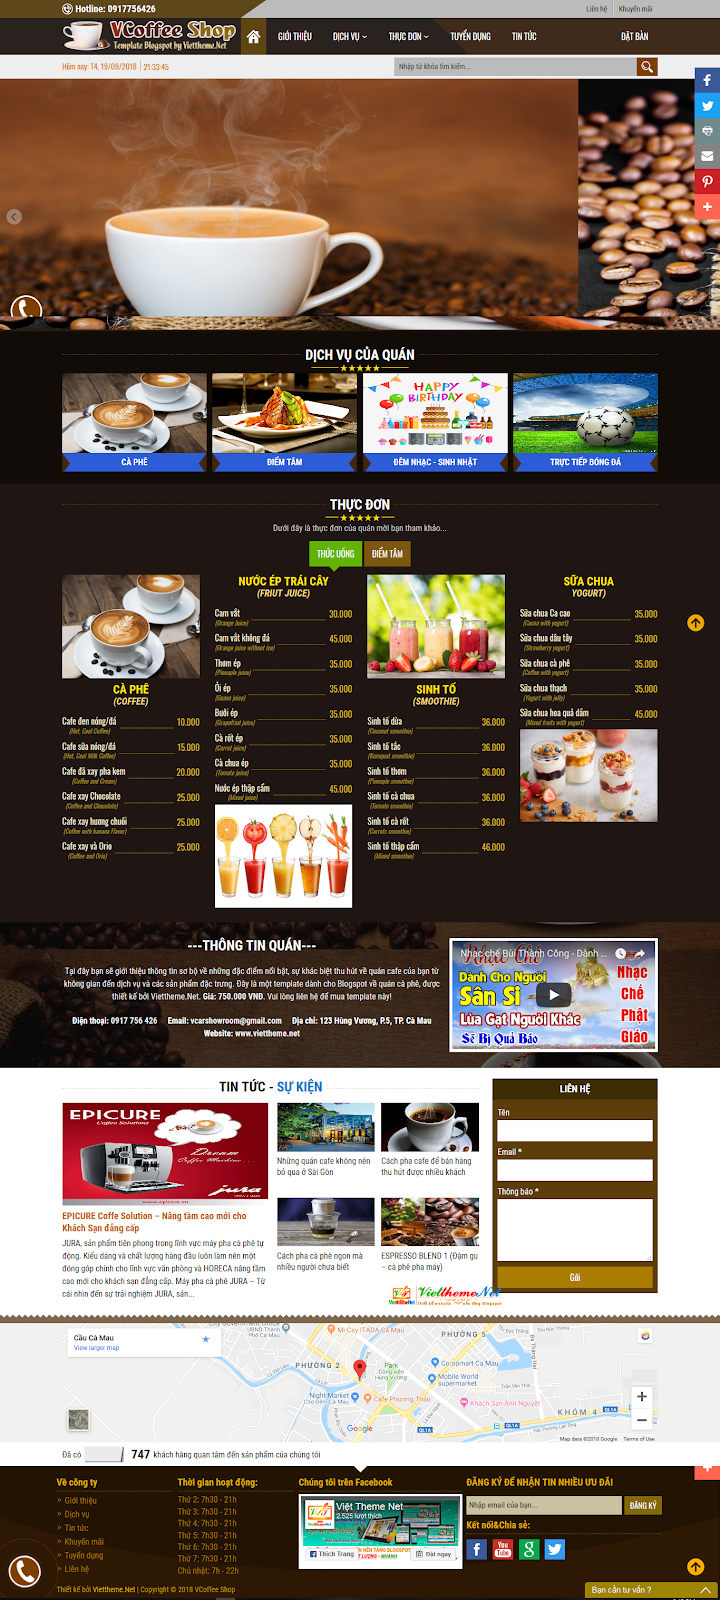 VCoffee Shop một template blogspot đẹp mắt, chuyên nghiệp dành cho quán cafe